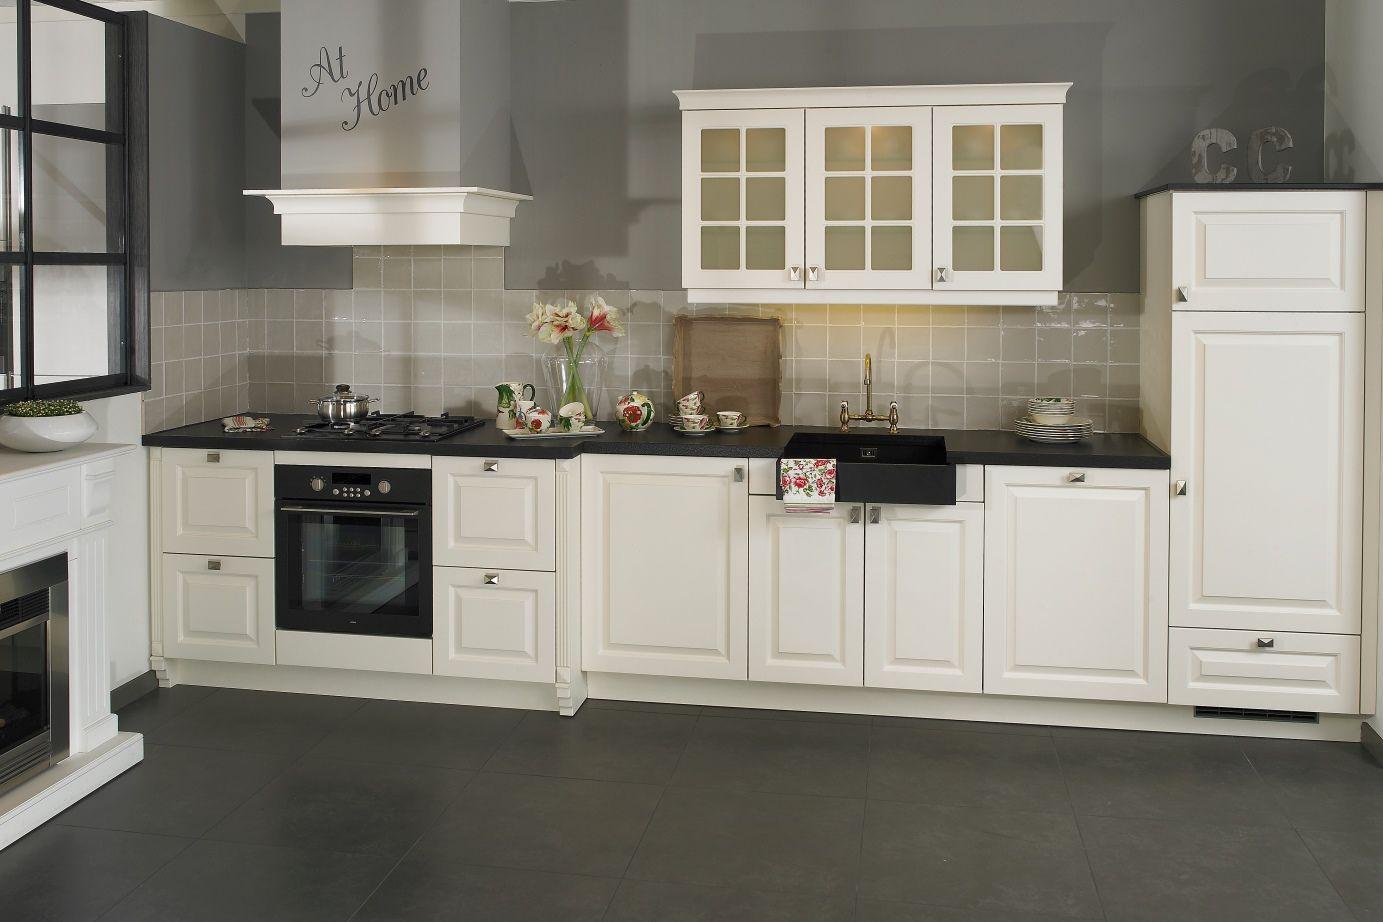 Ikea keuken ontwerp landelijk keukens kitchen